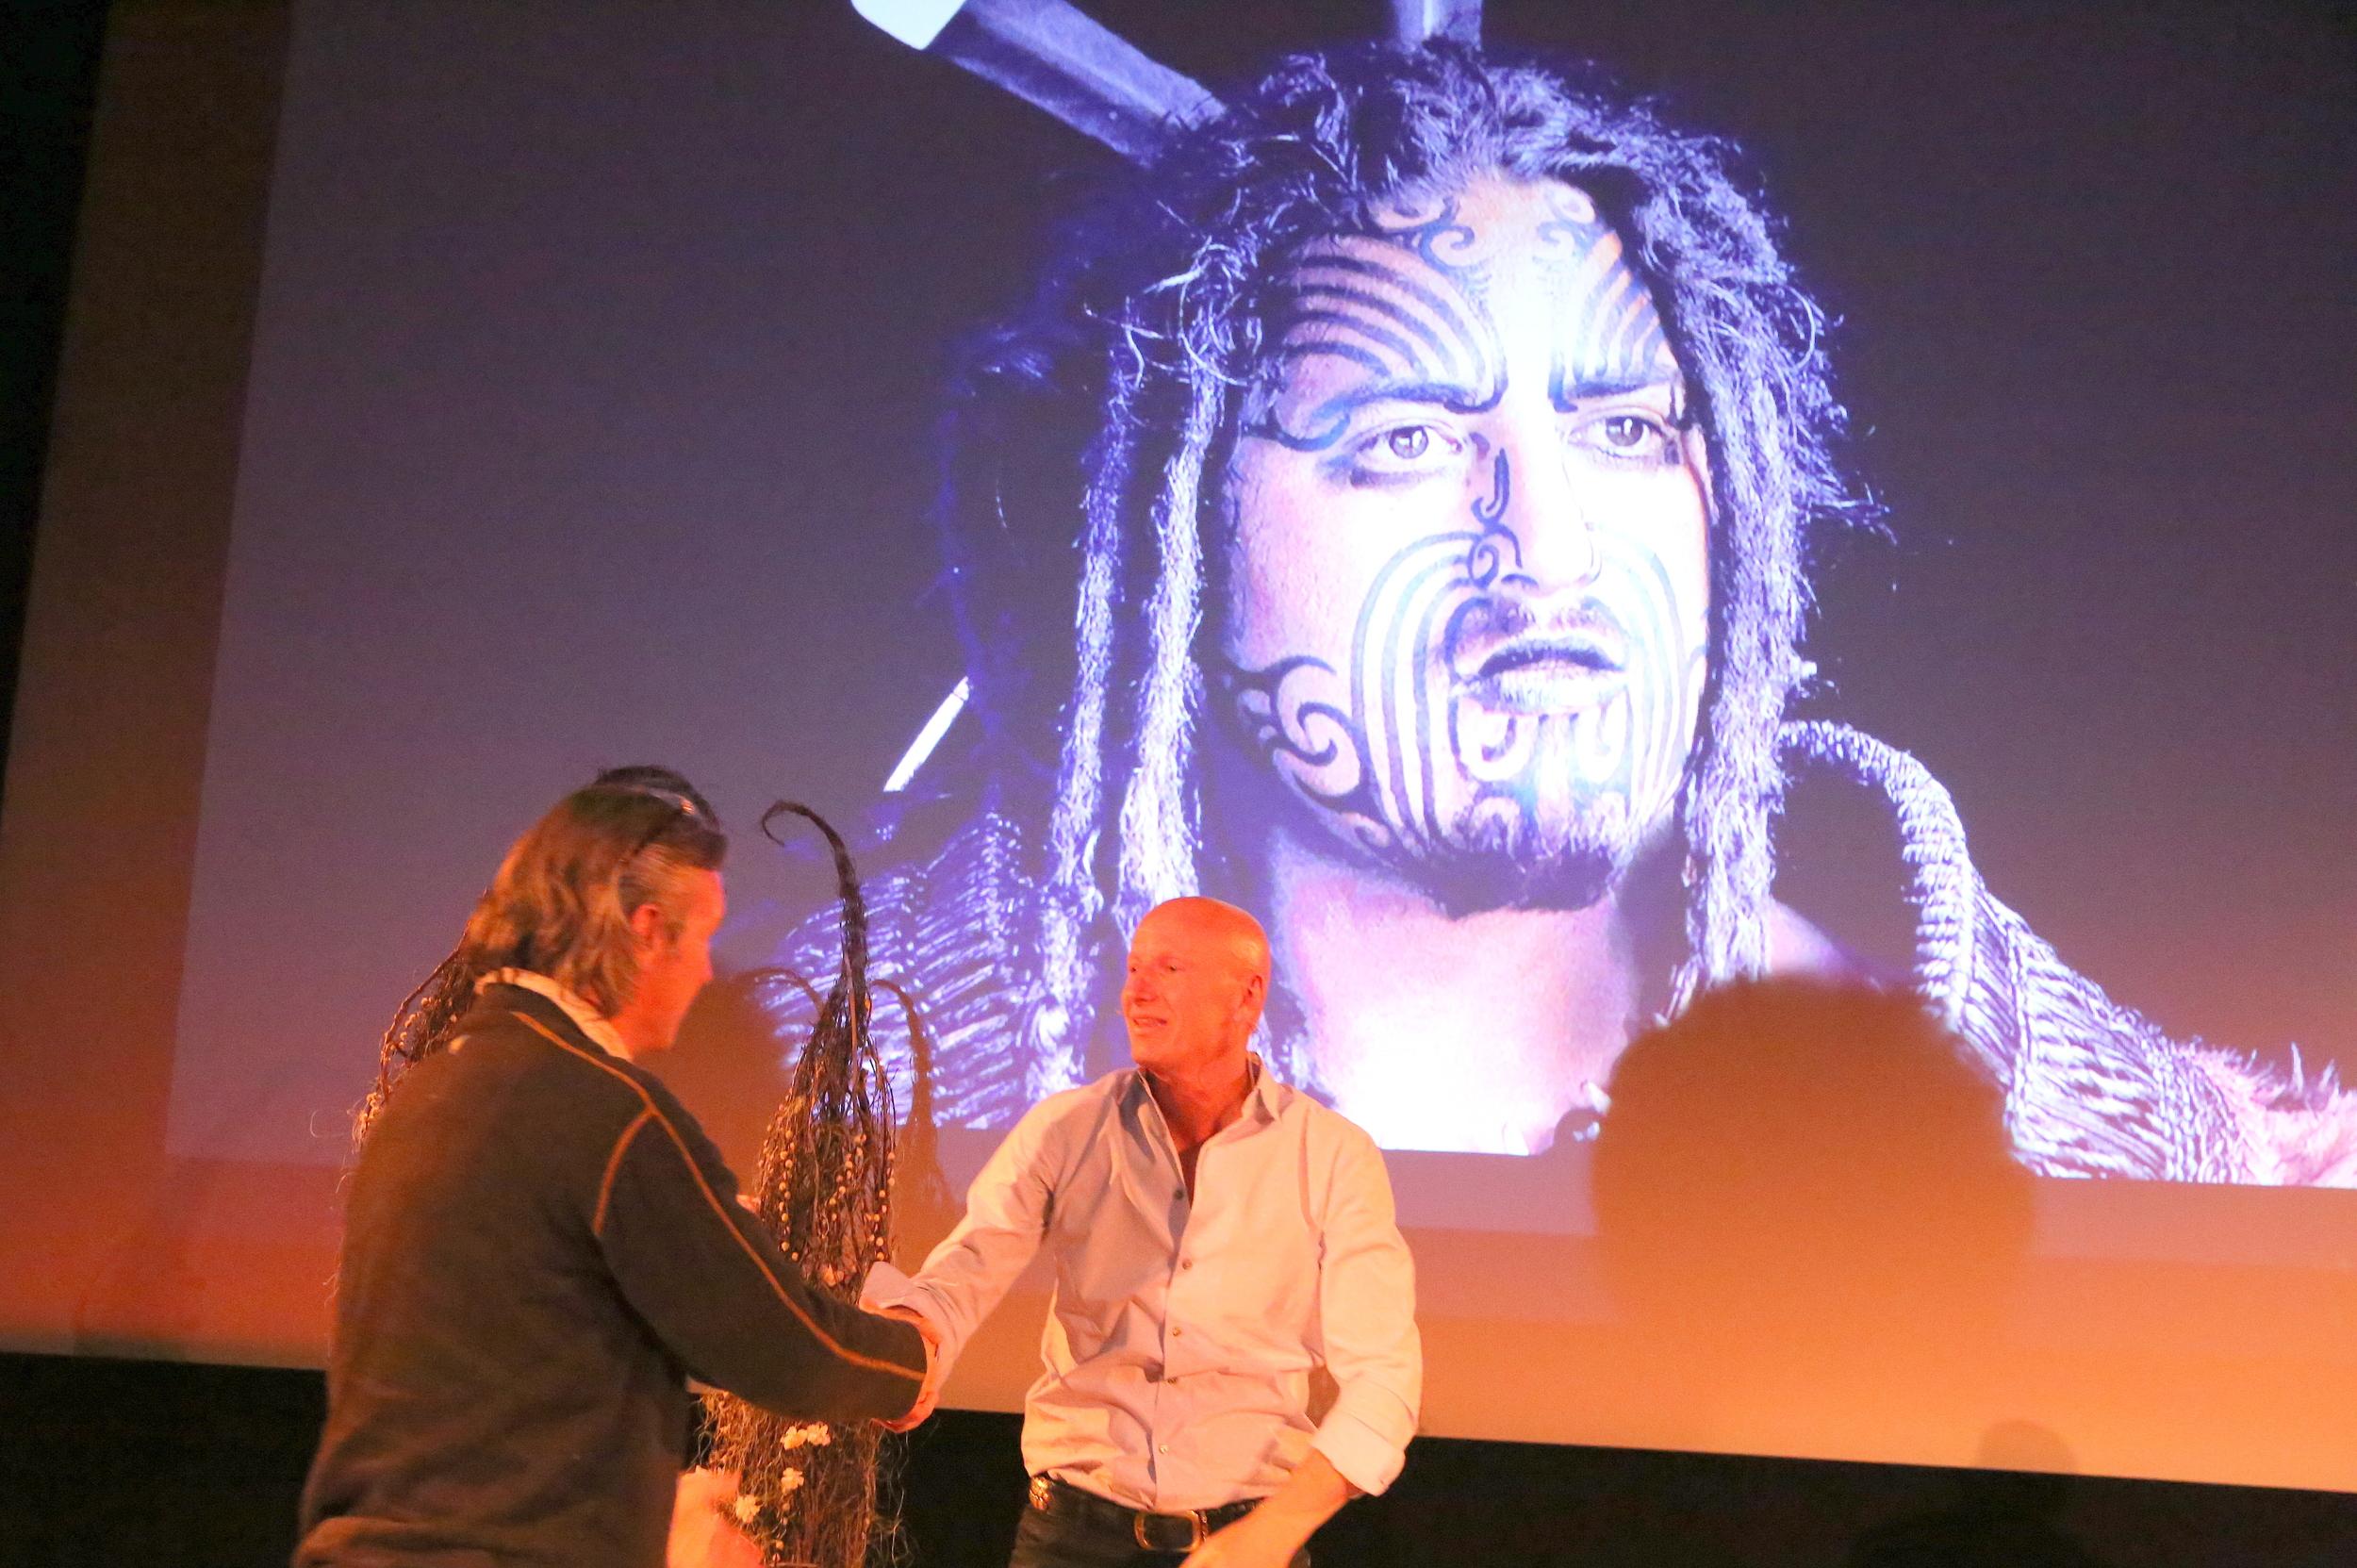 Chris og Jimmy møttes på fotofestivalen.